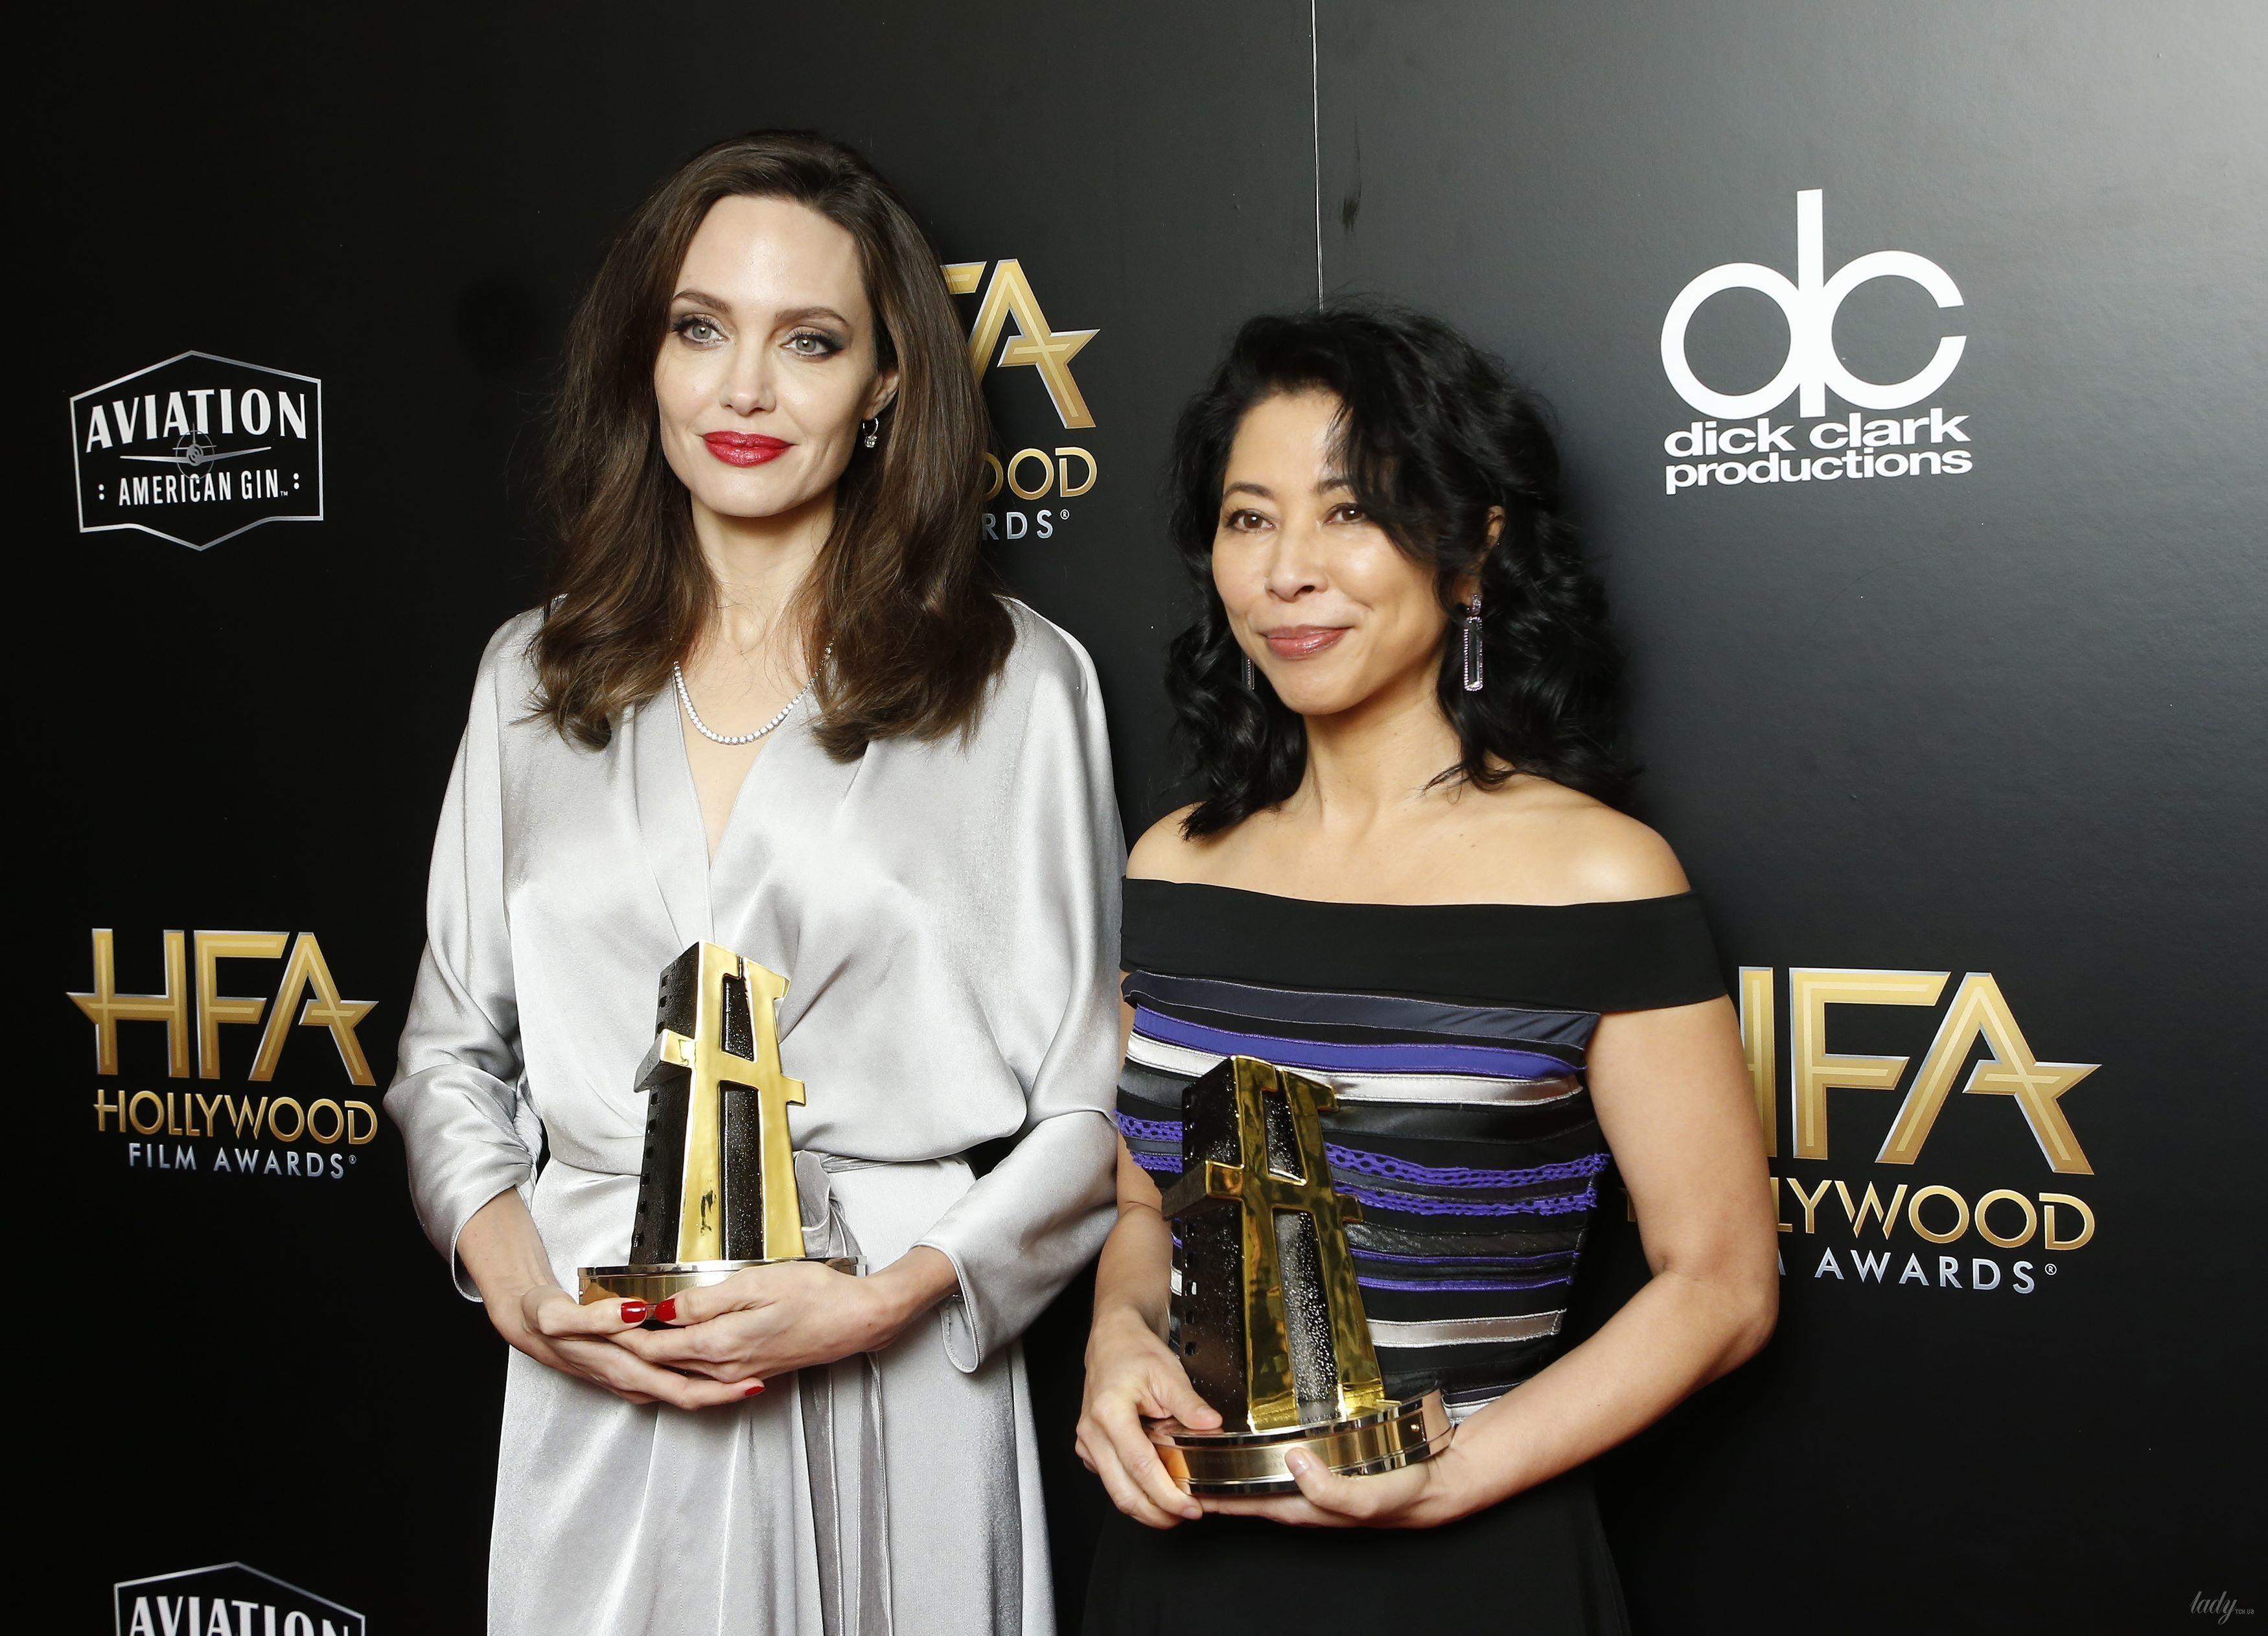 ВСША вручили премию Hollywood Film Awards